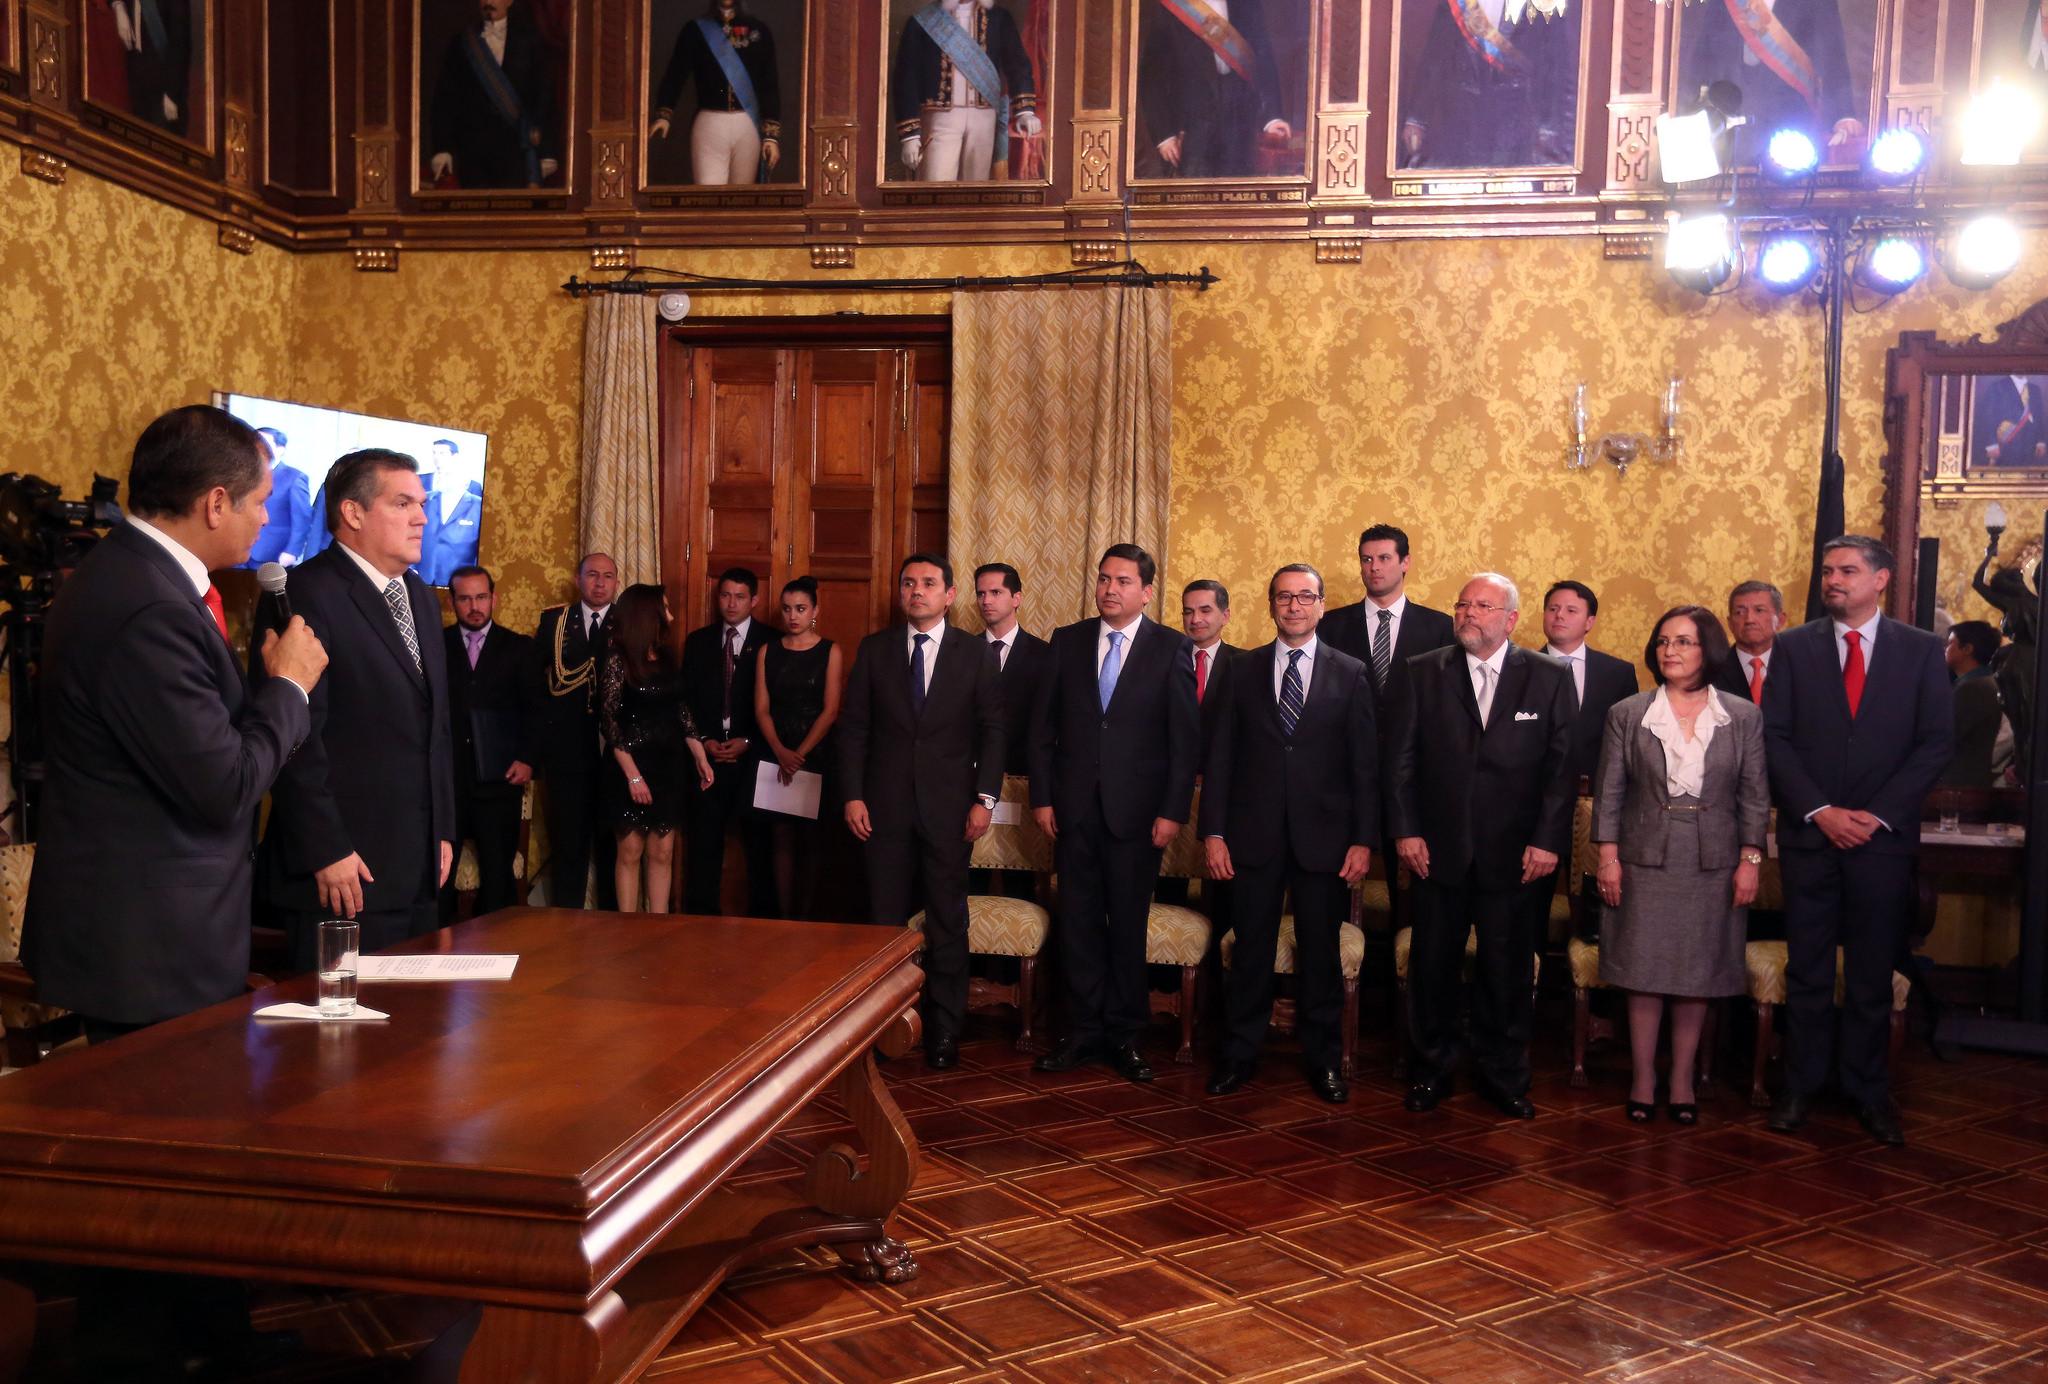 La ceremonia de posesión de los miembros del gabinete se realizó en el Palacio de Carondelet. Foto: Presidencia del Ecuador.